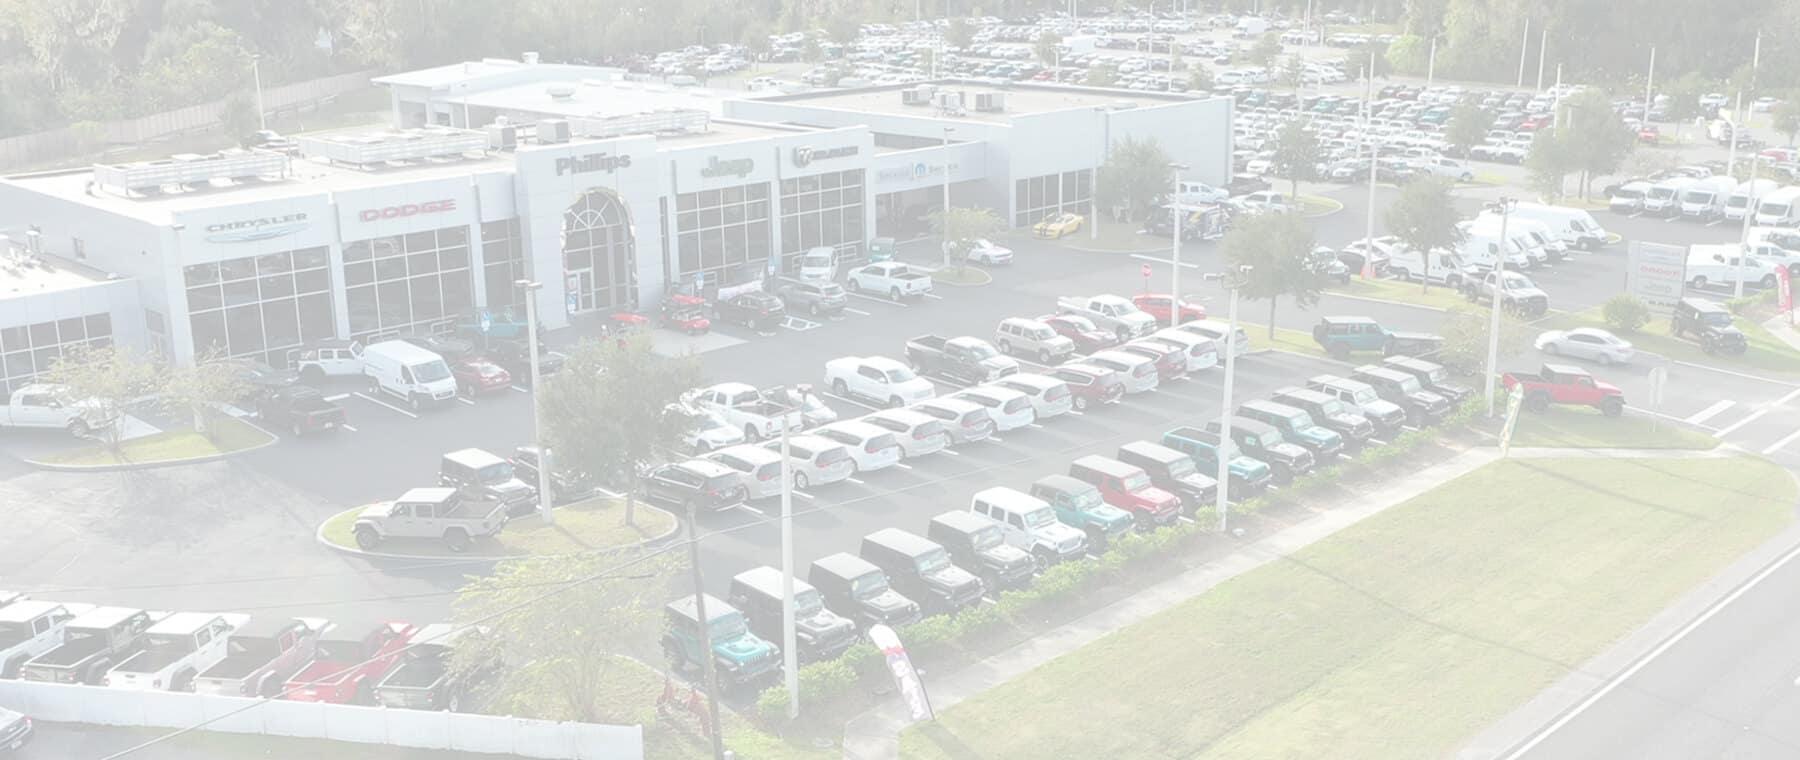 slider parking lot image